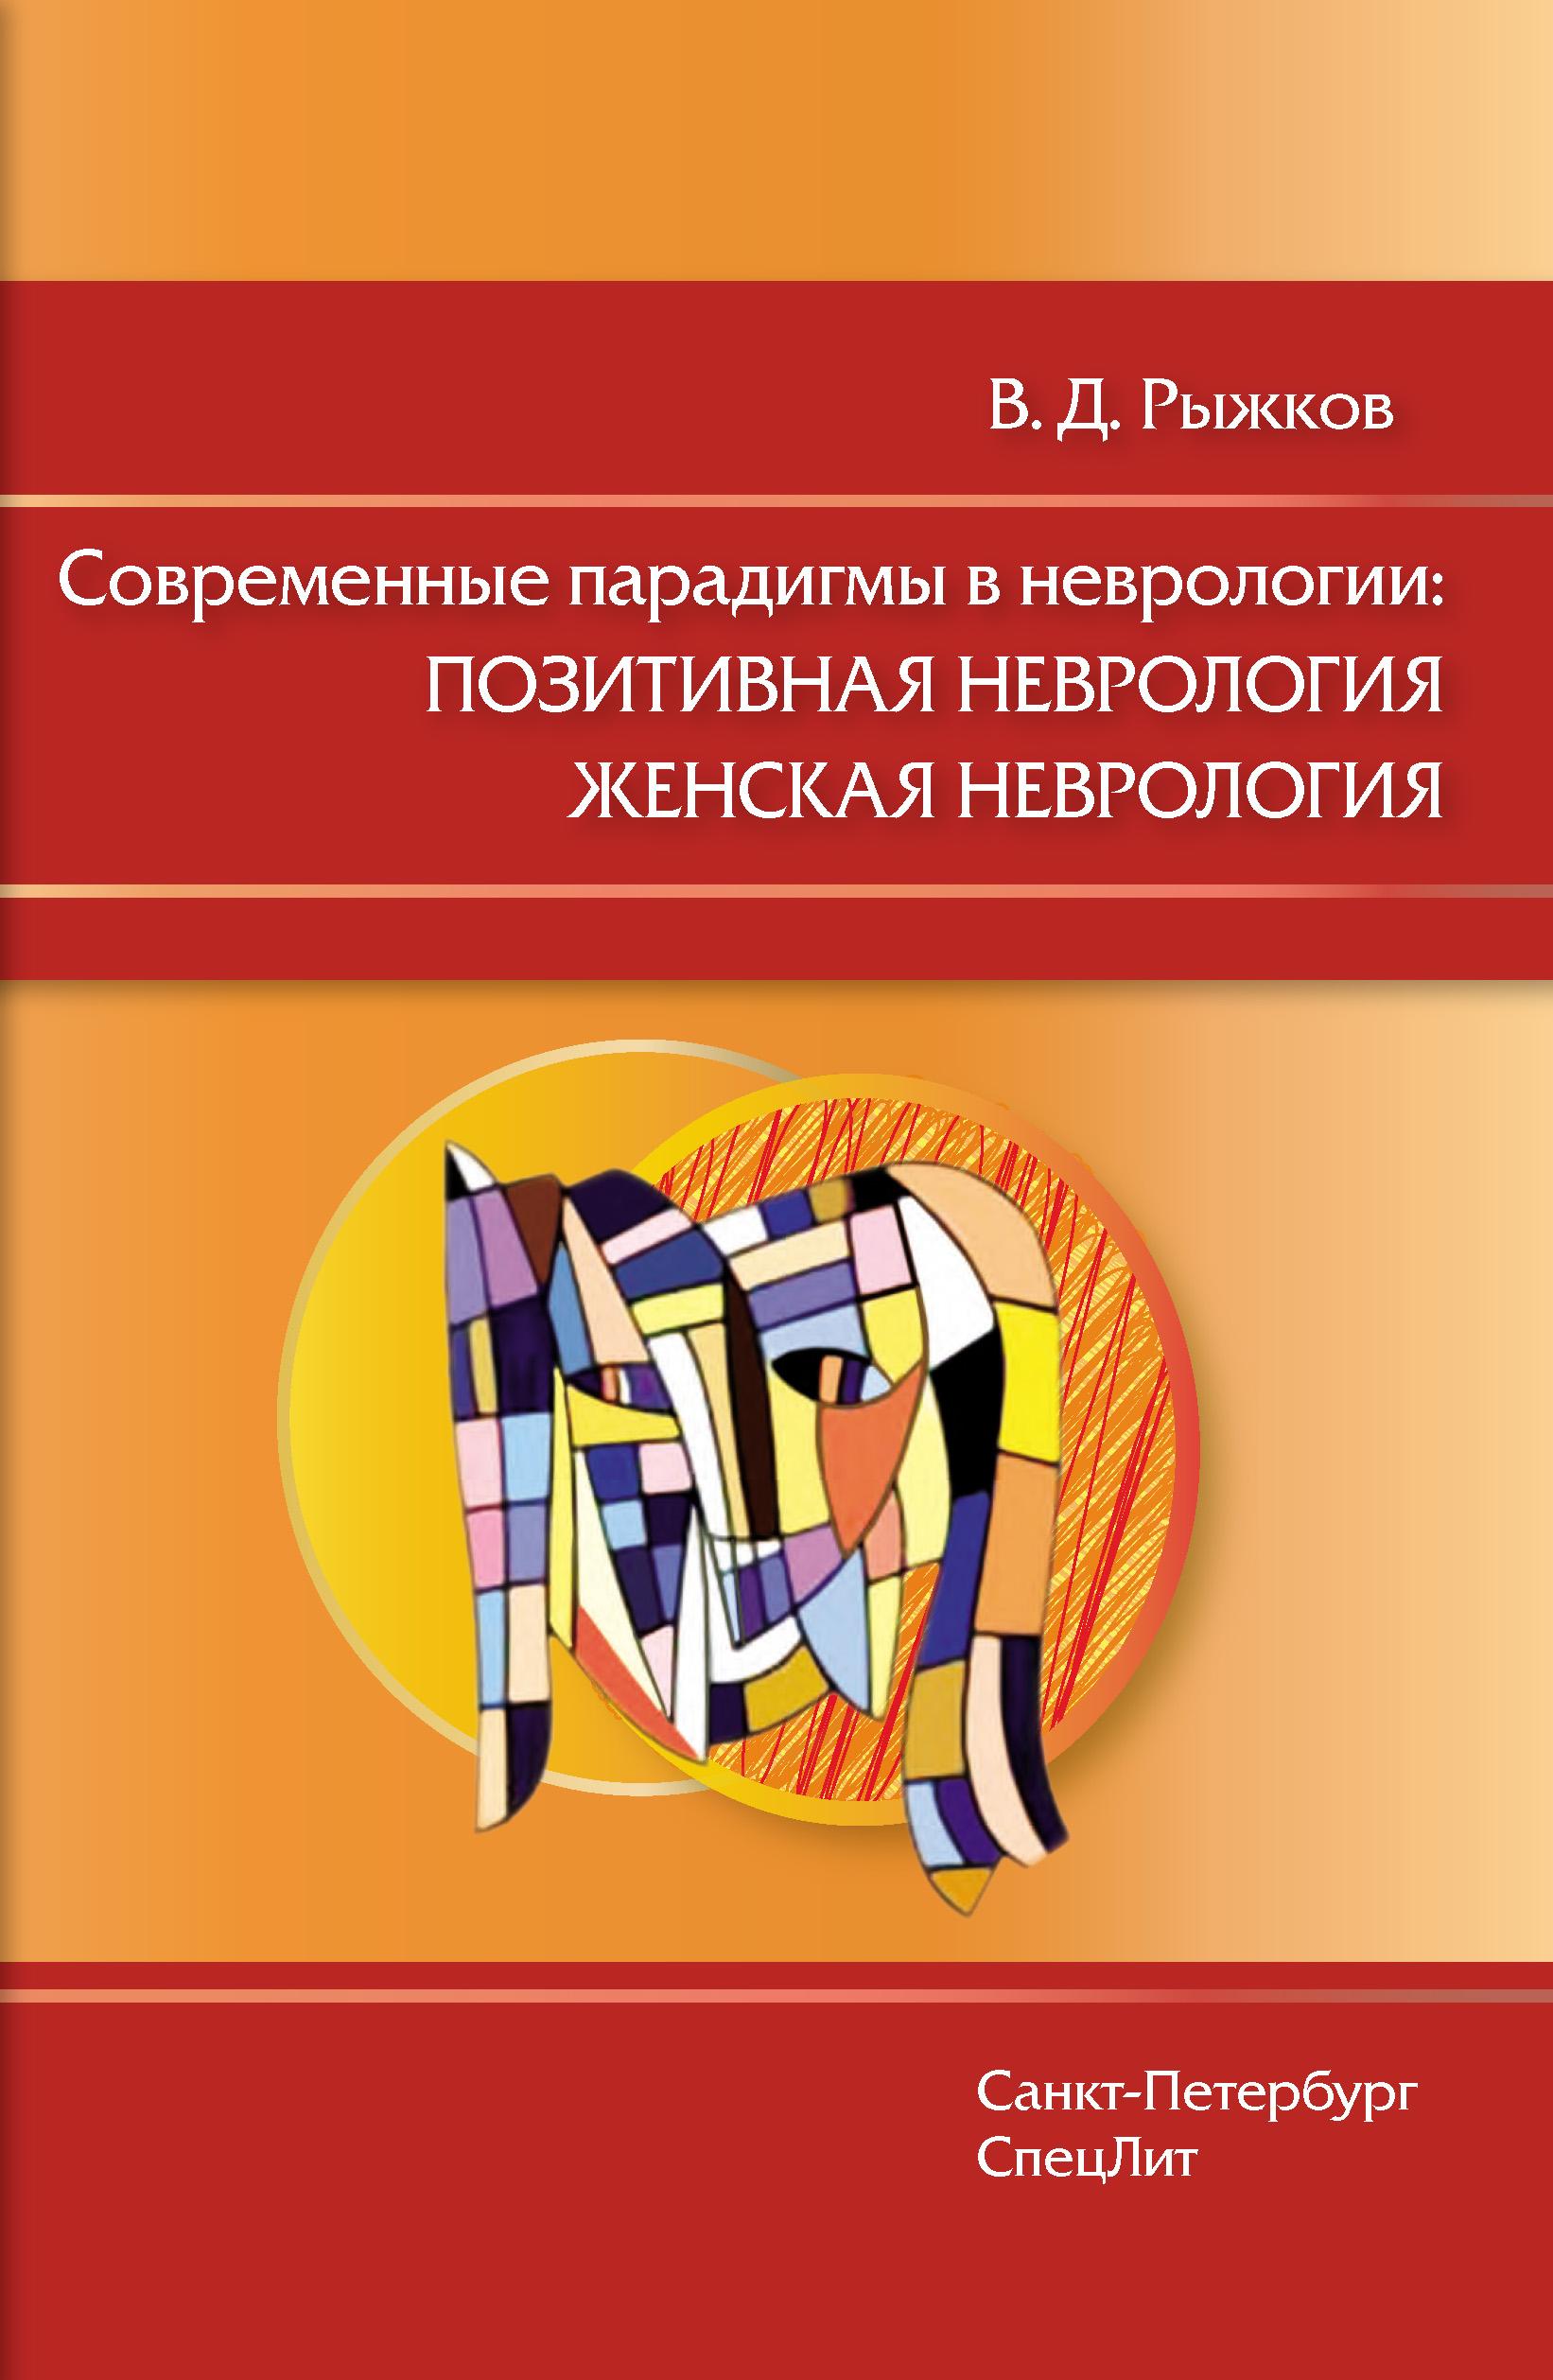 В. Д. Рыжков Современные парадигмы в неврологии: Позитивная неврология. Женская неврология цены